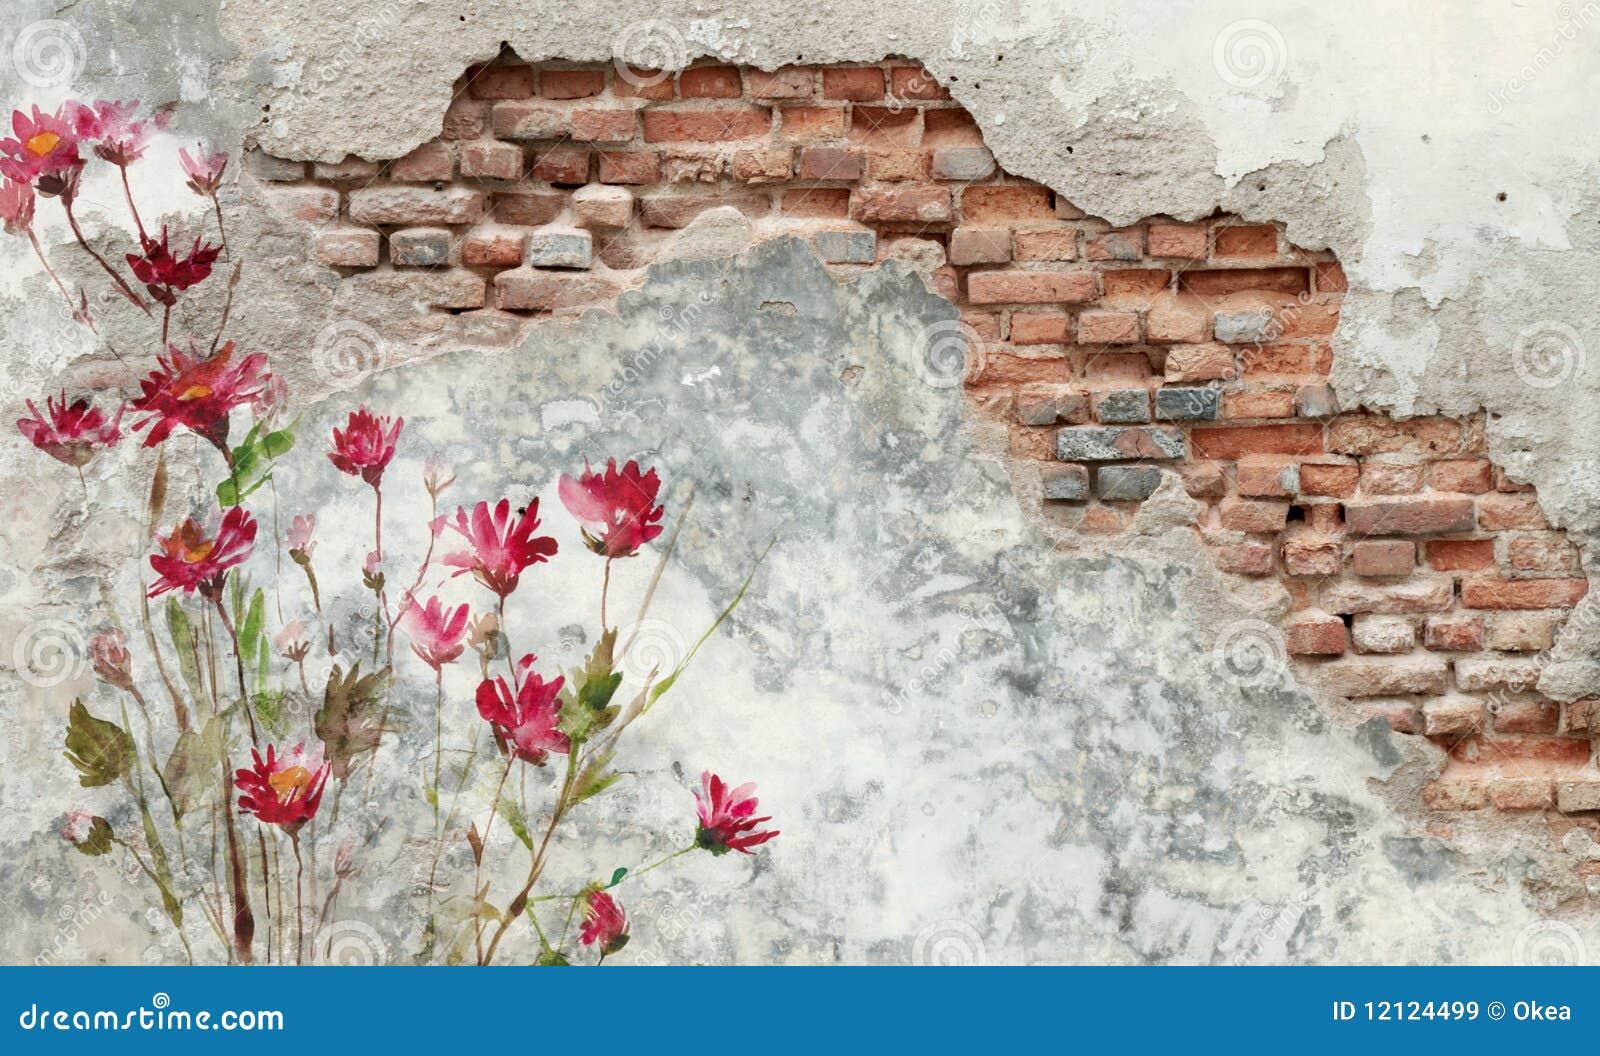 You Tube Painting Brick Walls